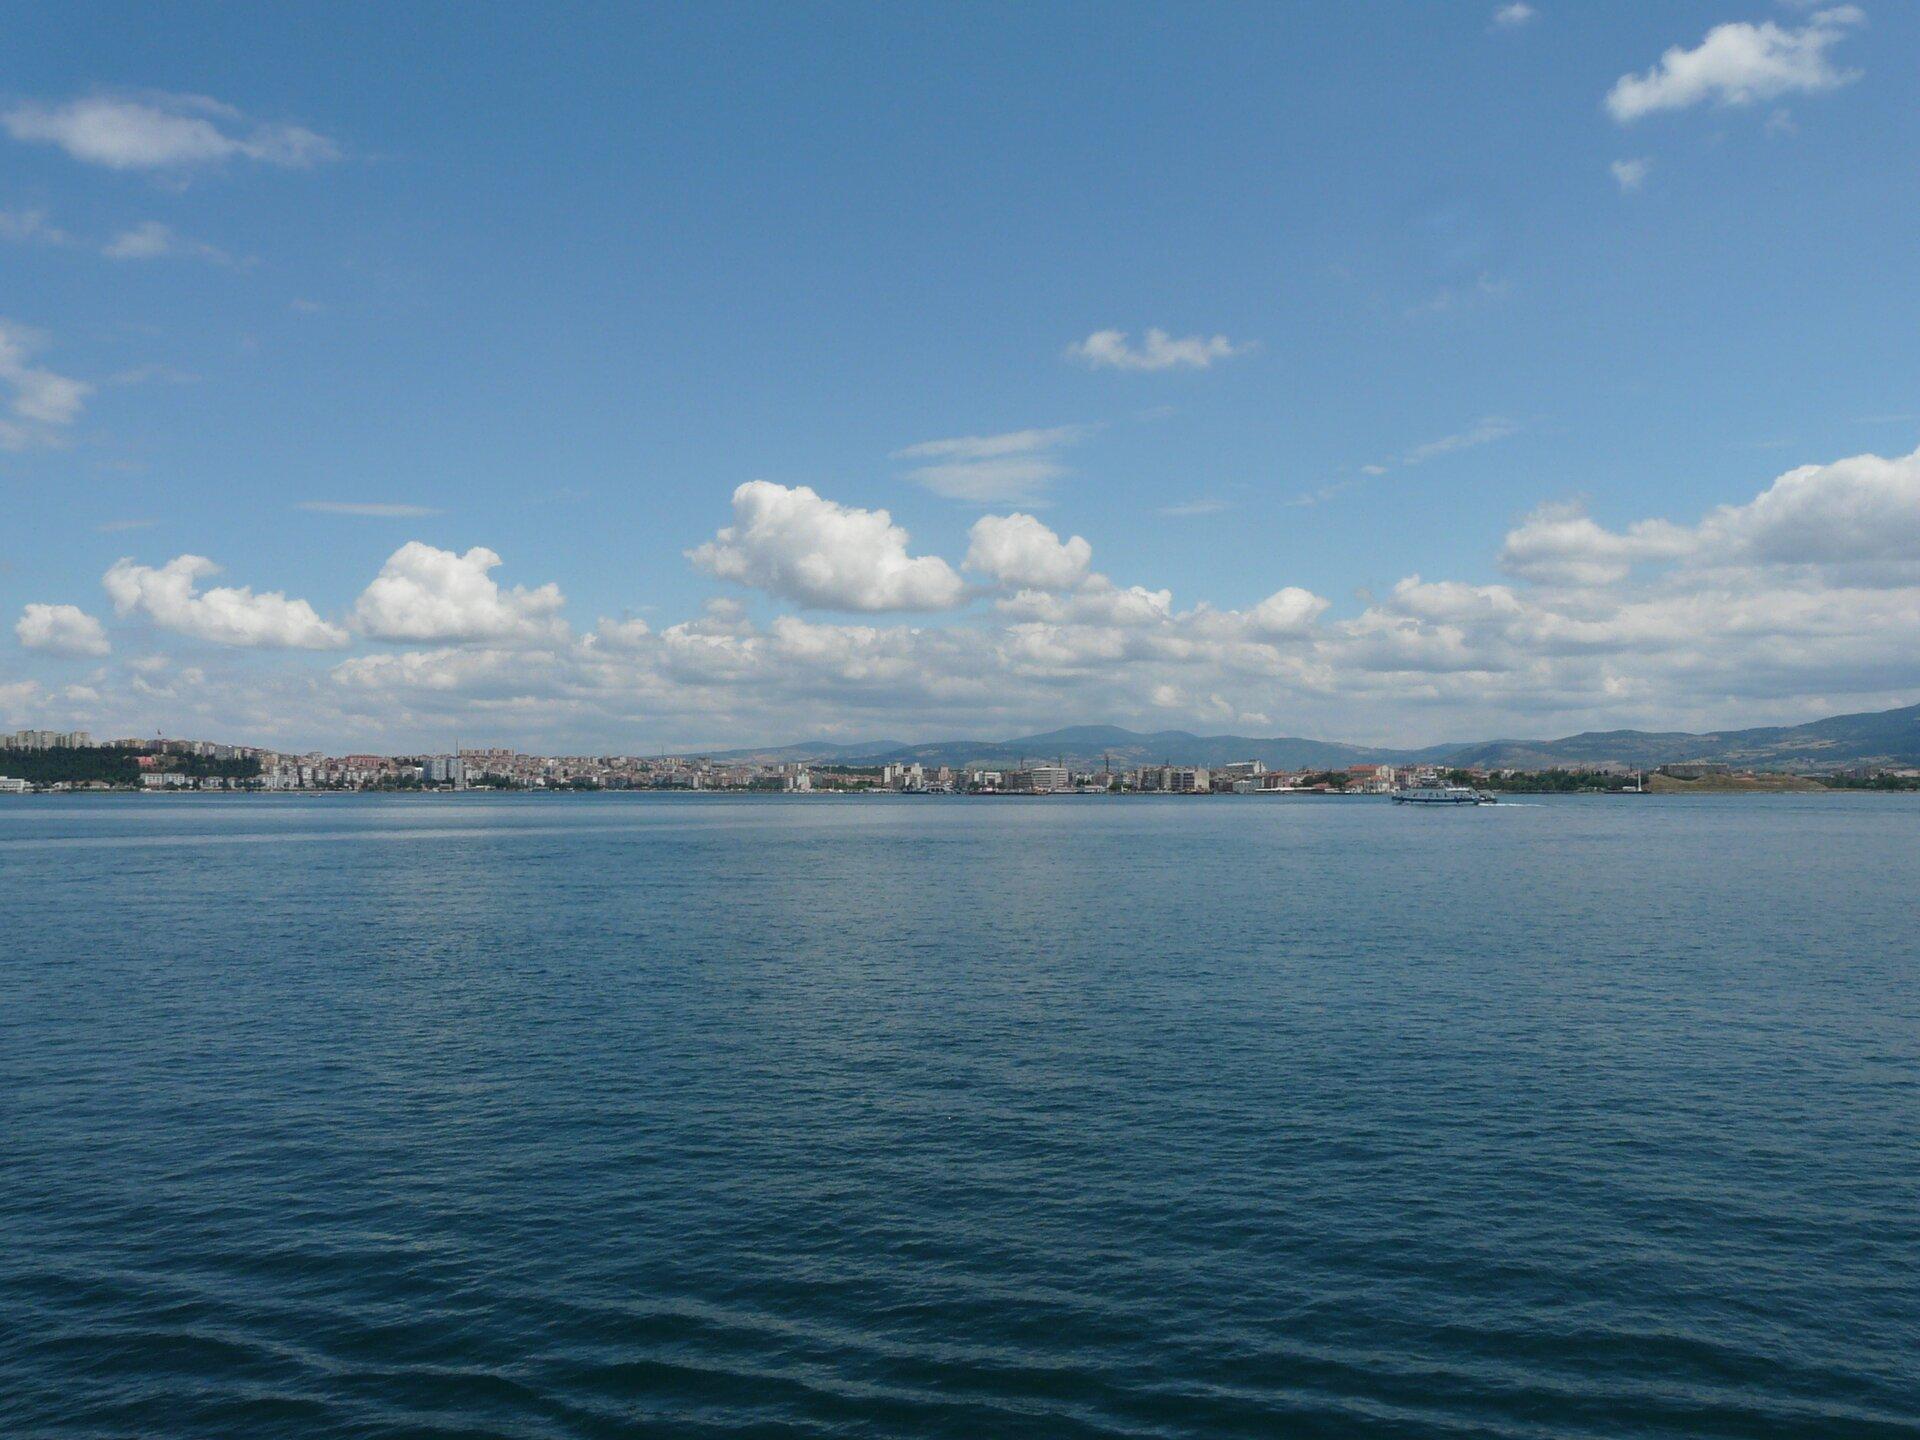 Na zdjęciu na pierwszym planie zbiornik wodny, na drugim brzegu zabudowania miejskie, wtle góry.